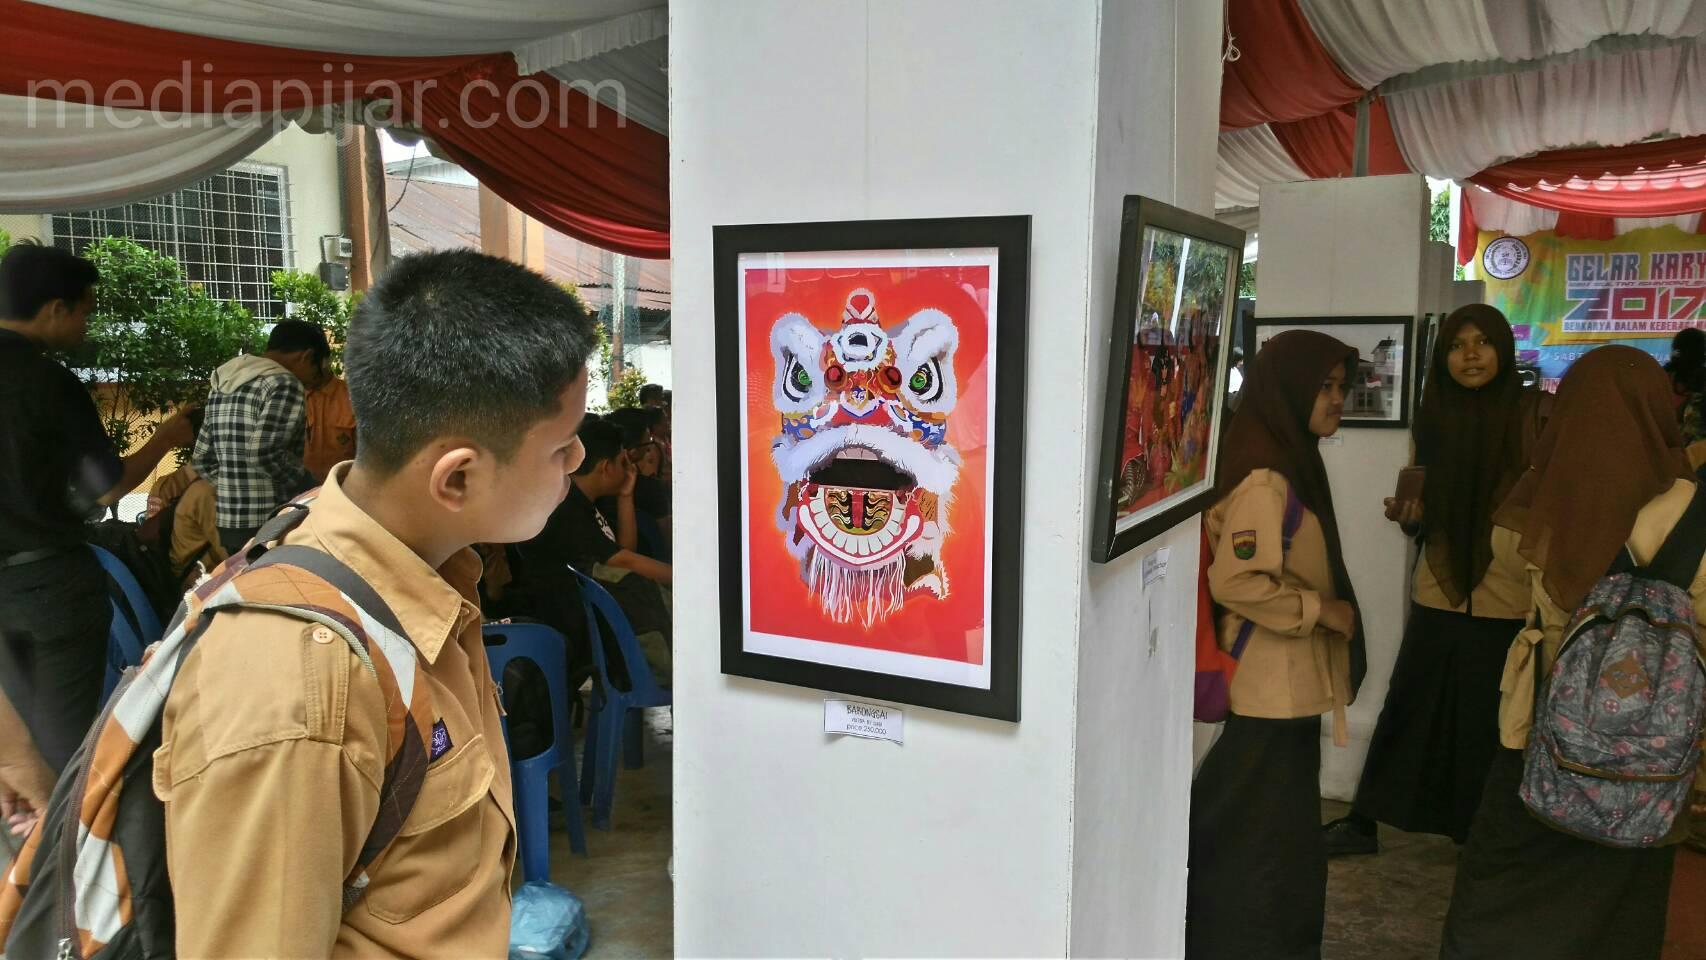 Seorang siswa sedang memandang karya seni dalam pameran kegiatan gelar karya SMK Sultan Iskandar Muda, Sabtu (11/2). Fotografer : Muhammad Kurniawan